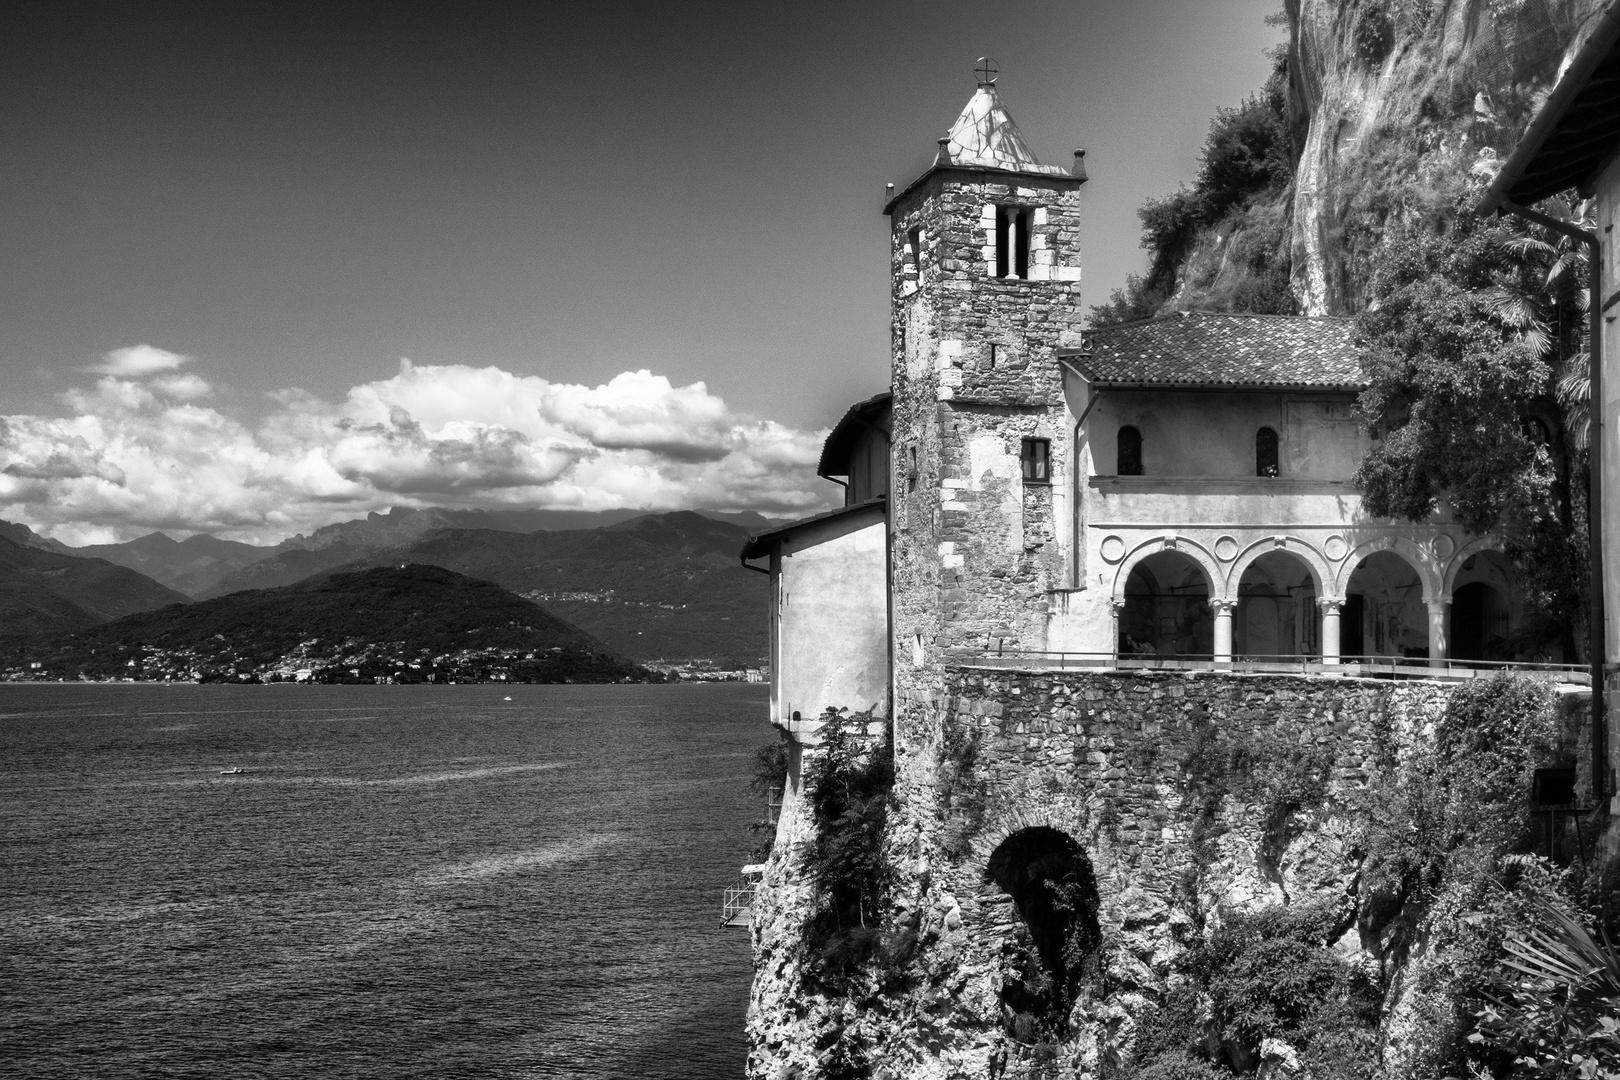 Monastero di Santa Caterina del Sasso, Leggiuno